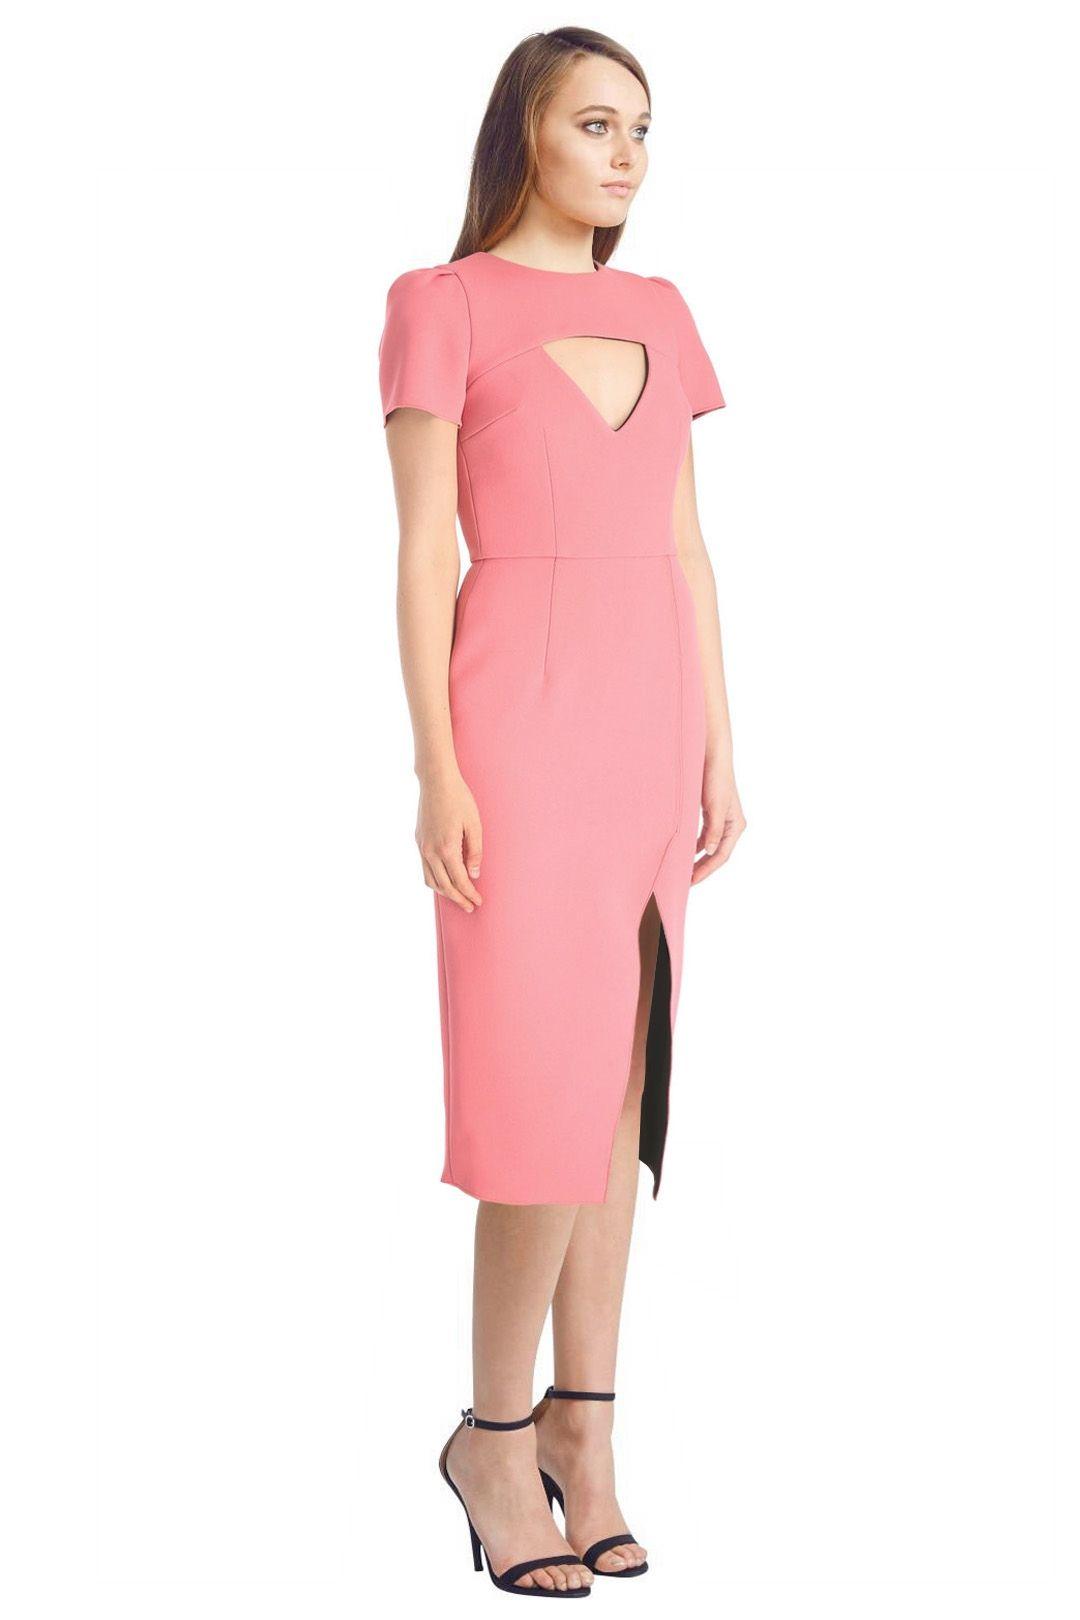 Yeojin Bae - Double Crepe Amelia Dress - Pink - Side